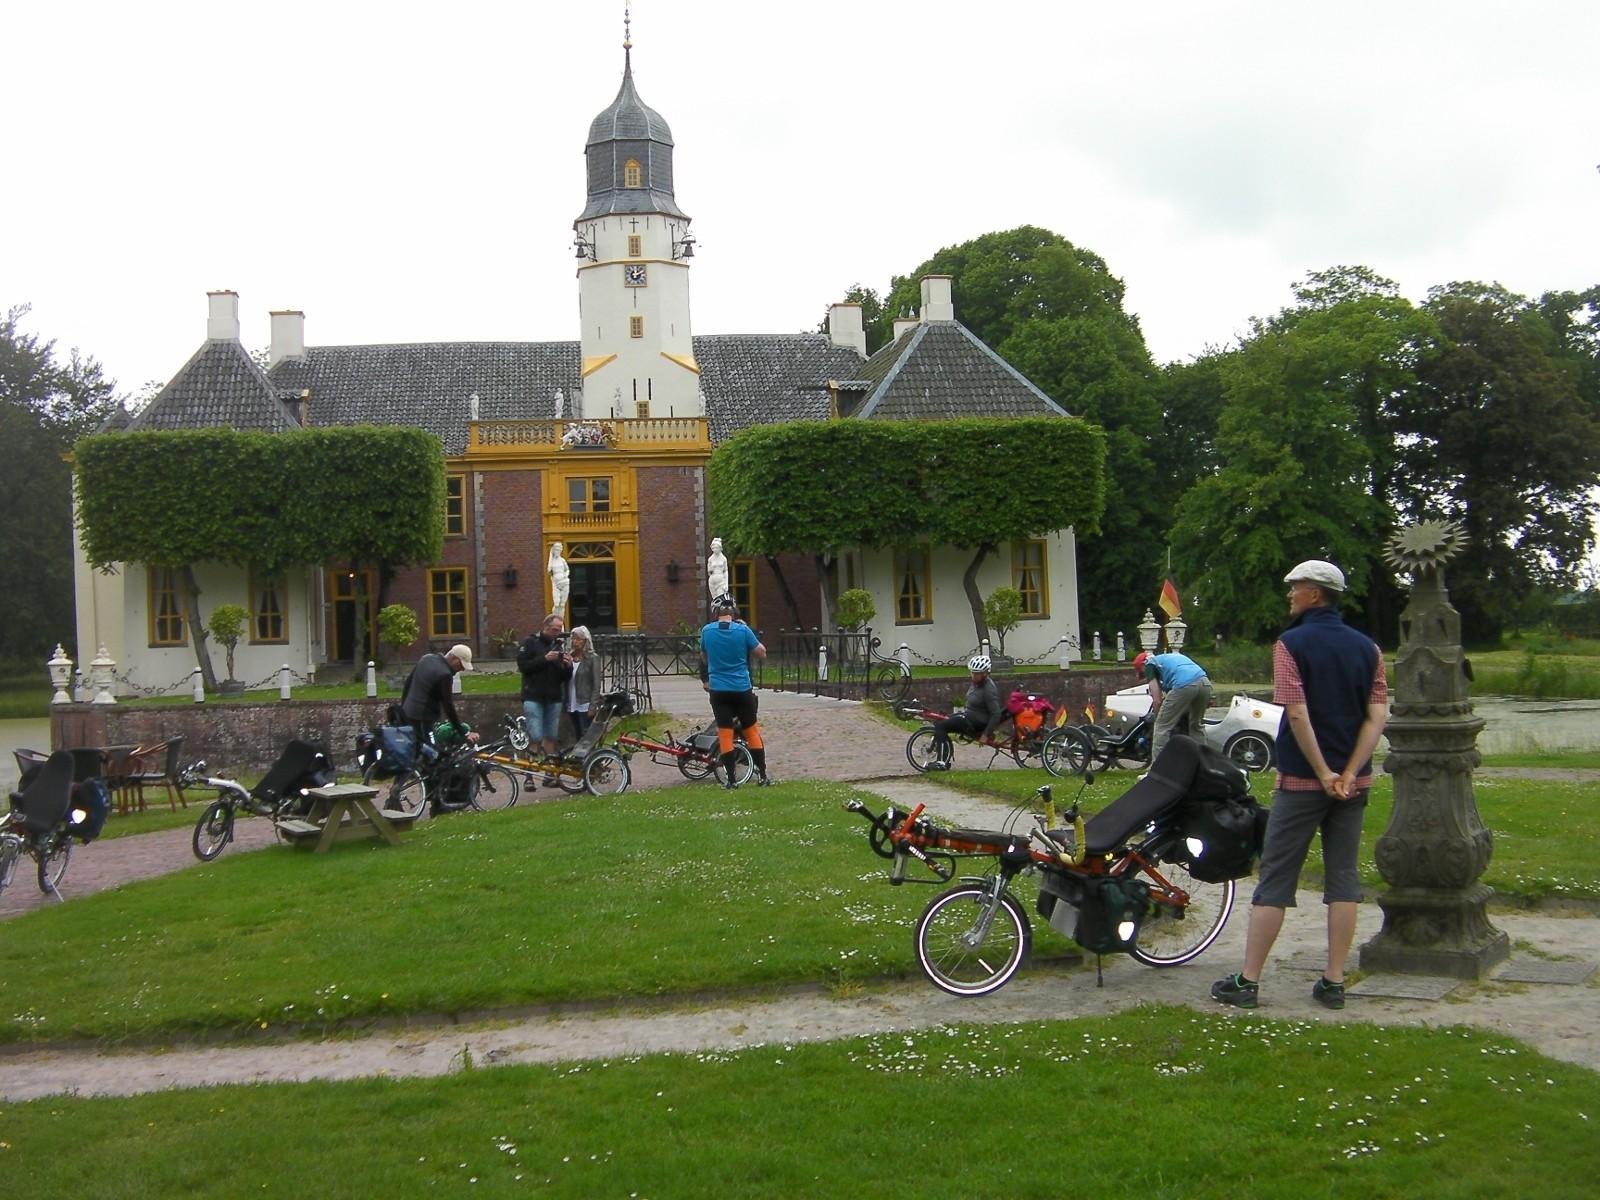 Landgoed Fraeylemaborg in Slochteren